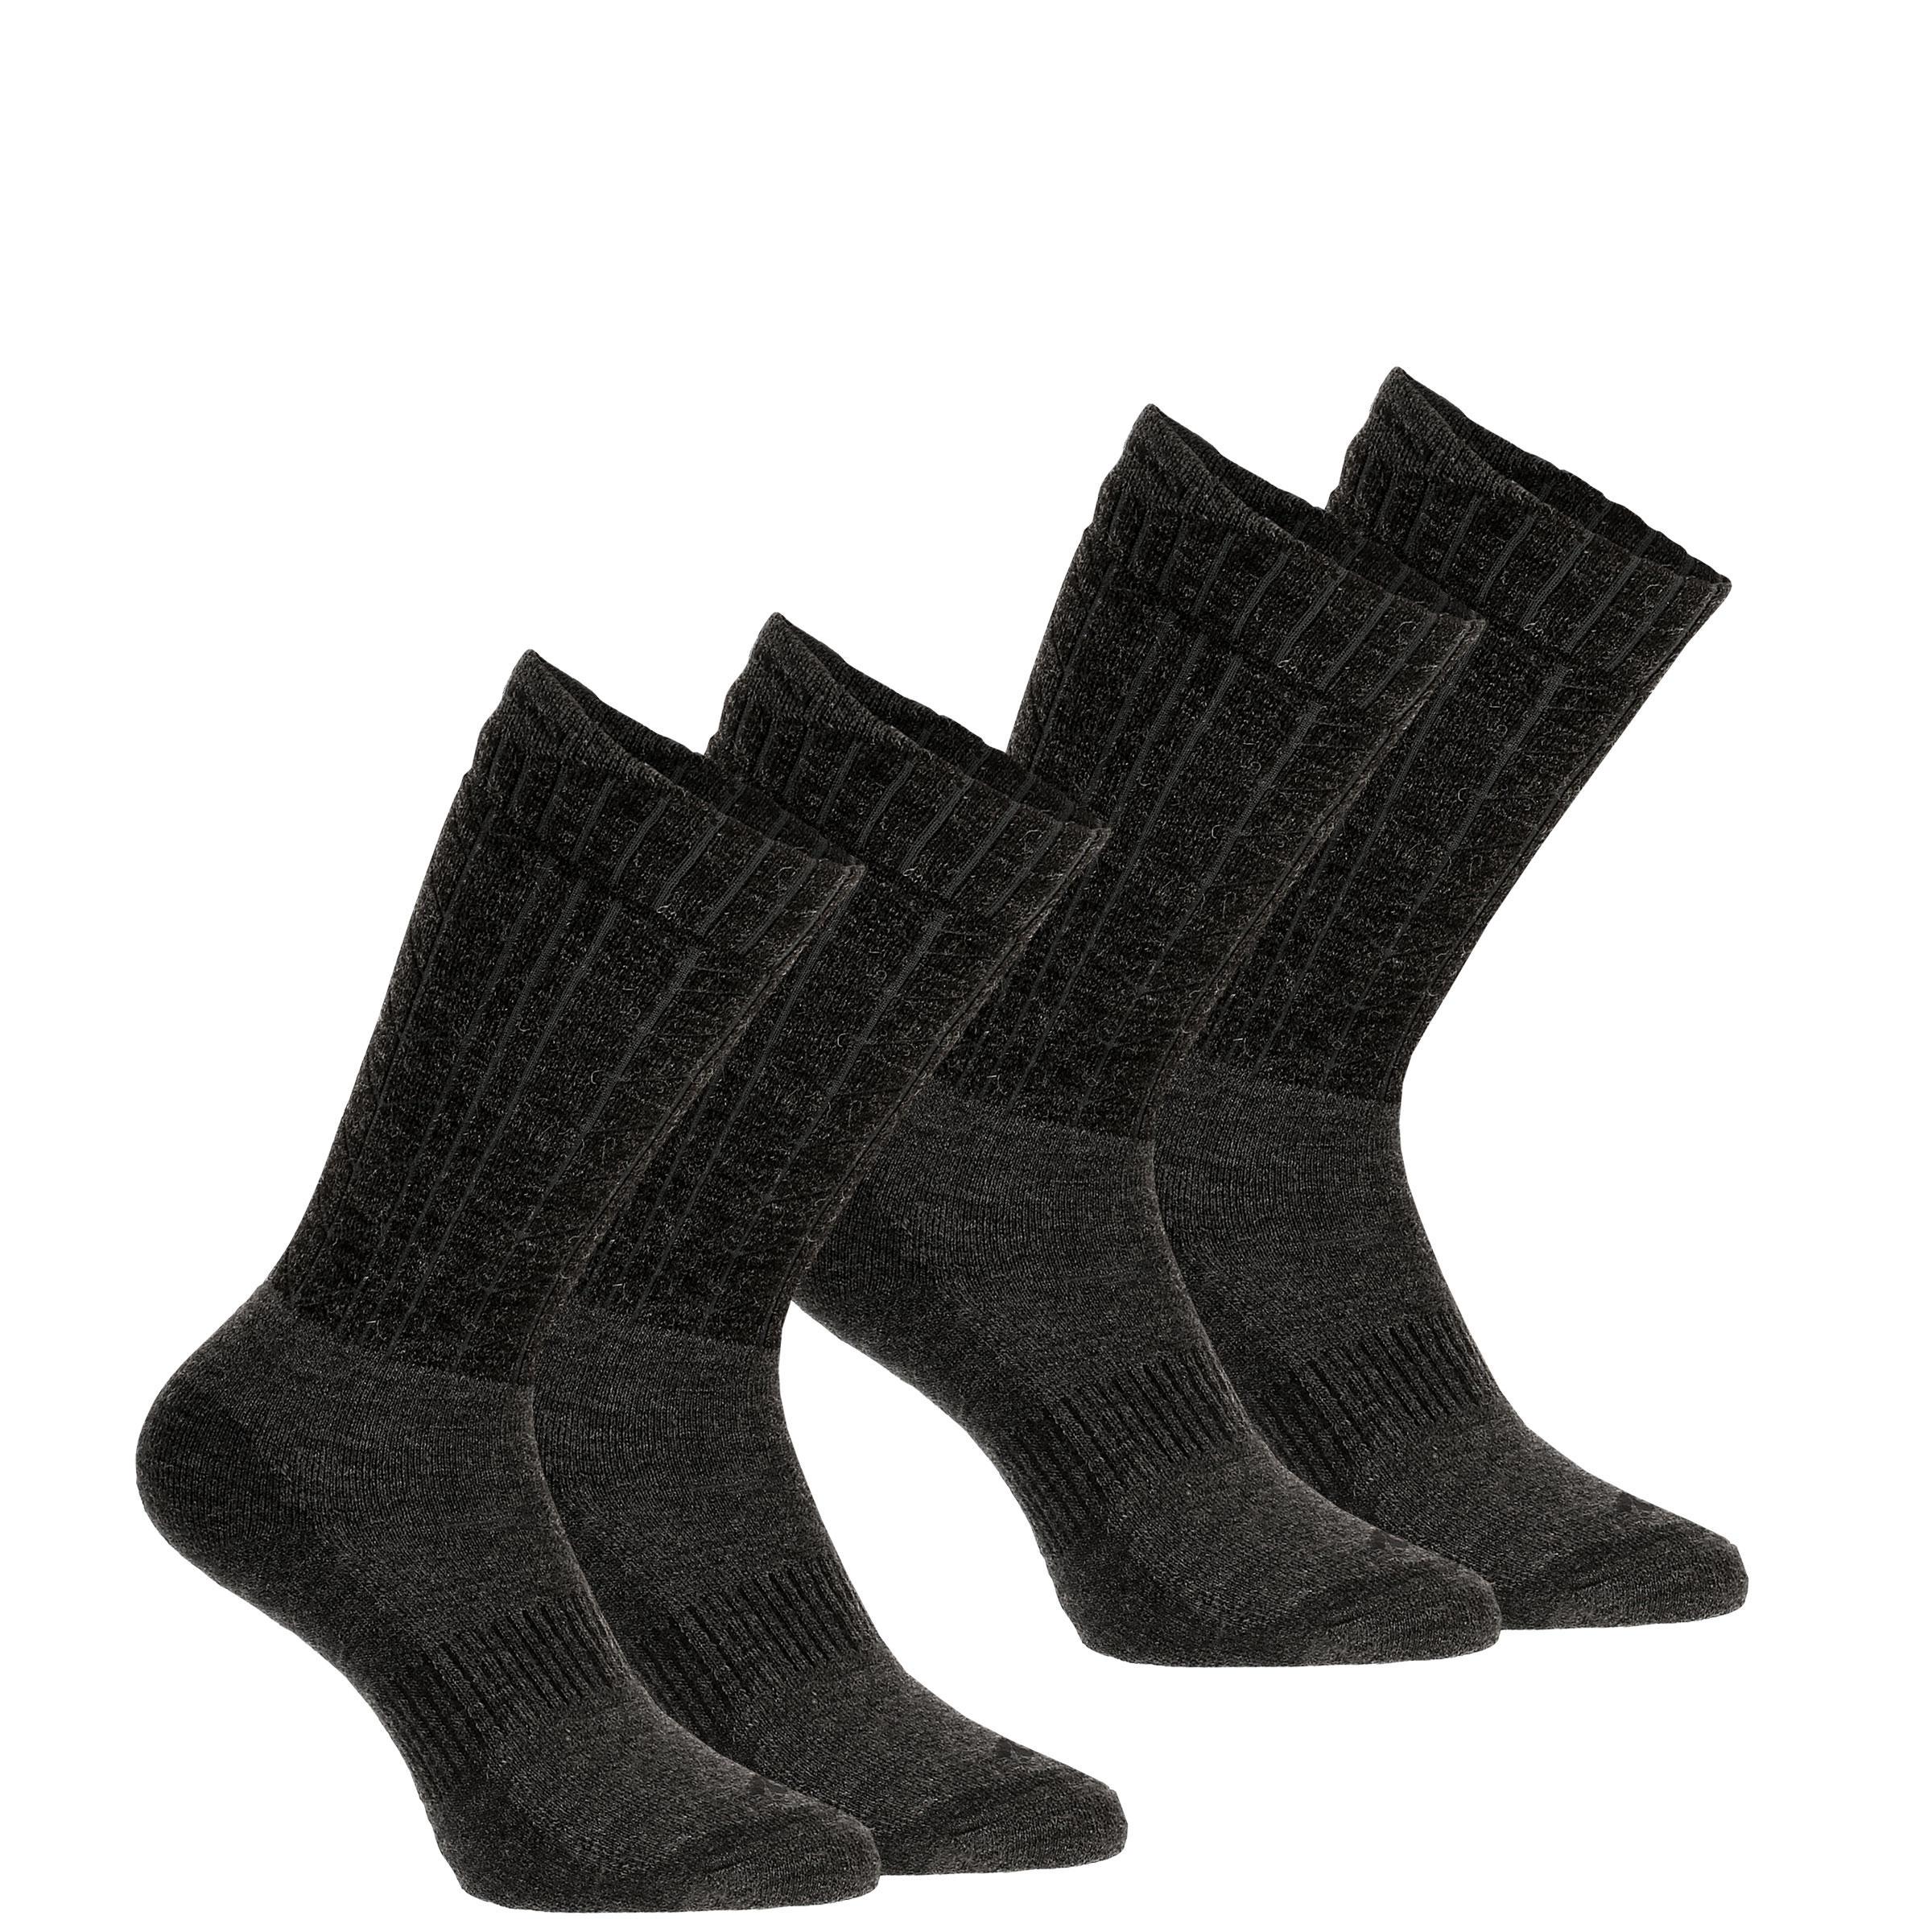 Snow Hiking SH500 Ultra-warm Woolen Socks - Black